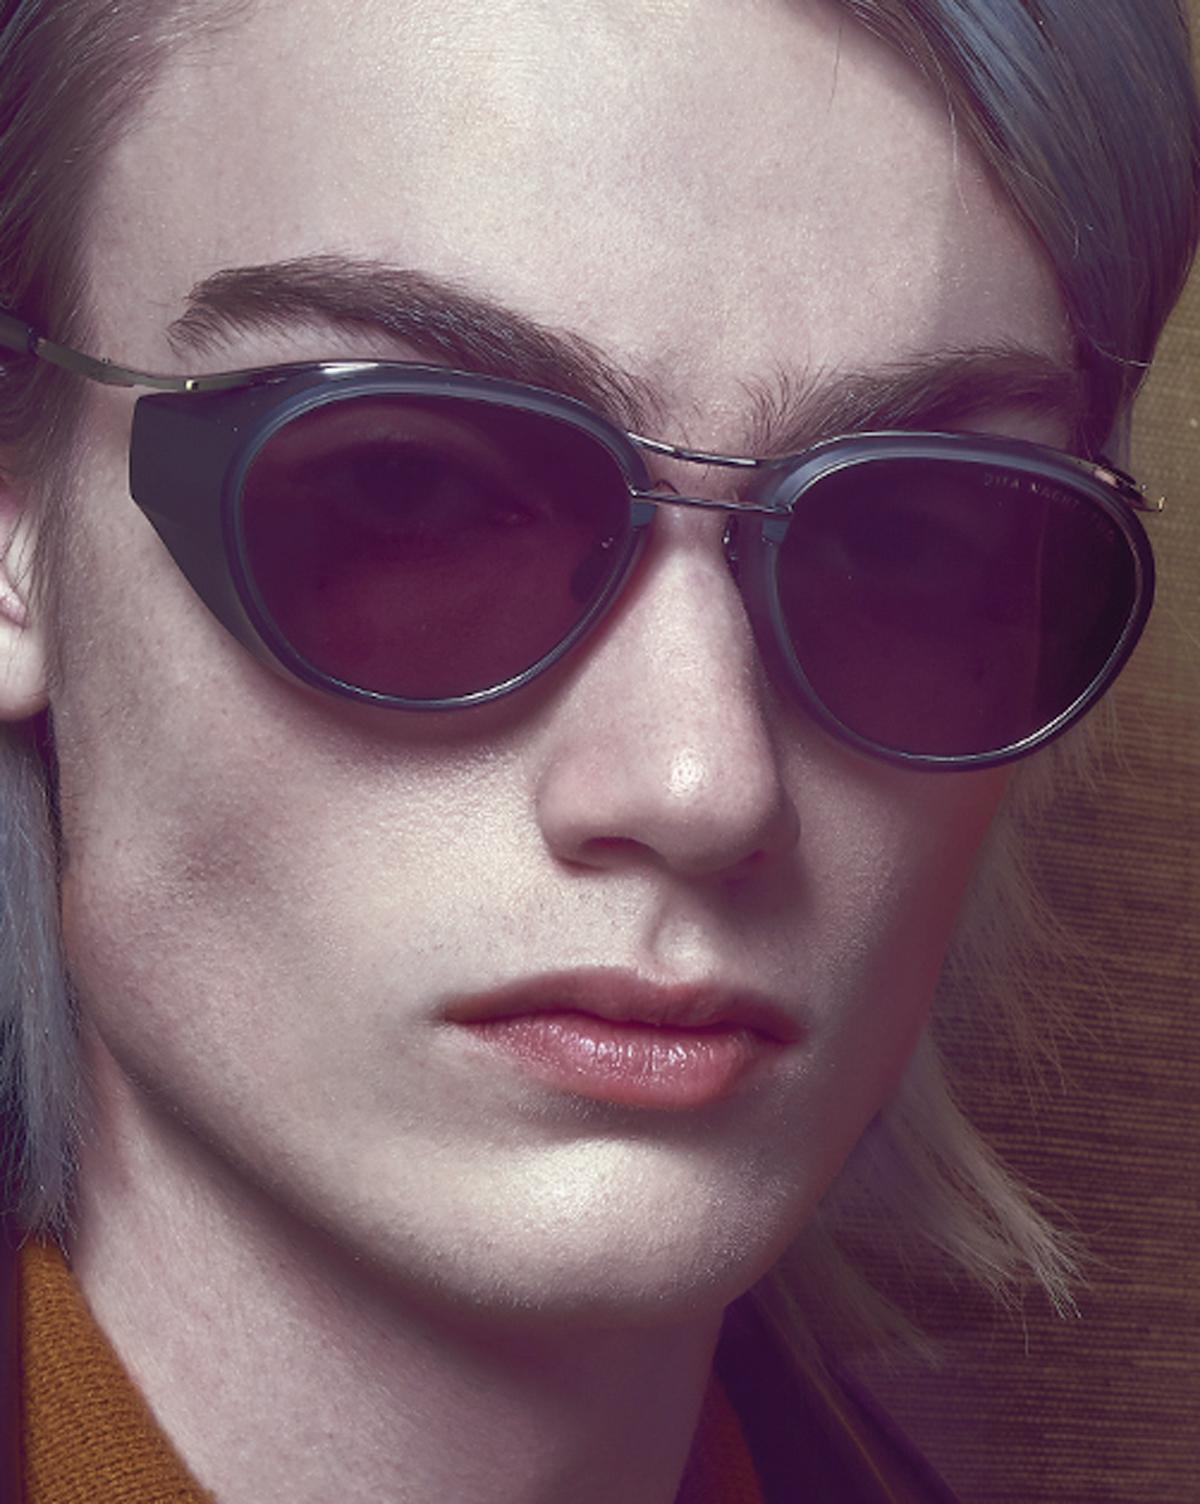 occhiali-da-sole-e-da-vista-dita-centri-ottici-belotti-ottica-udito-canton-ticino-dita-430x540-2